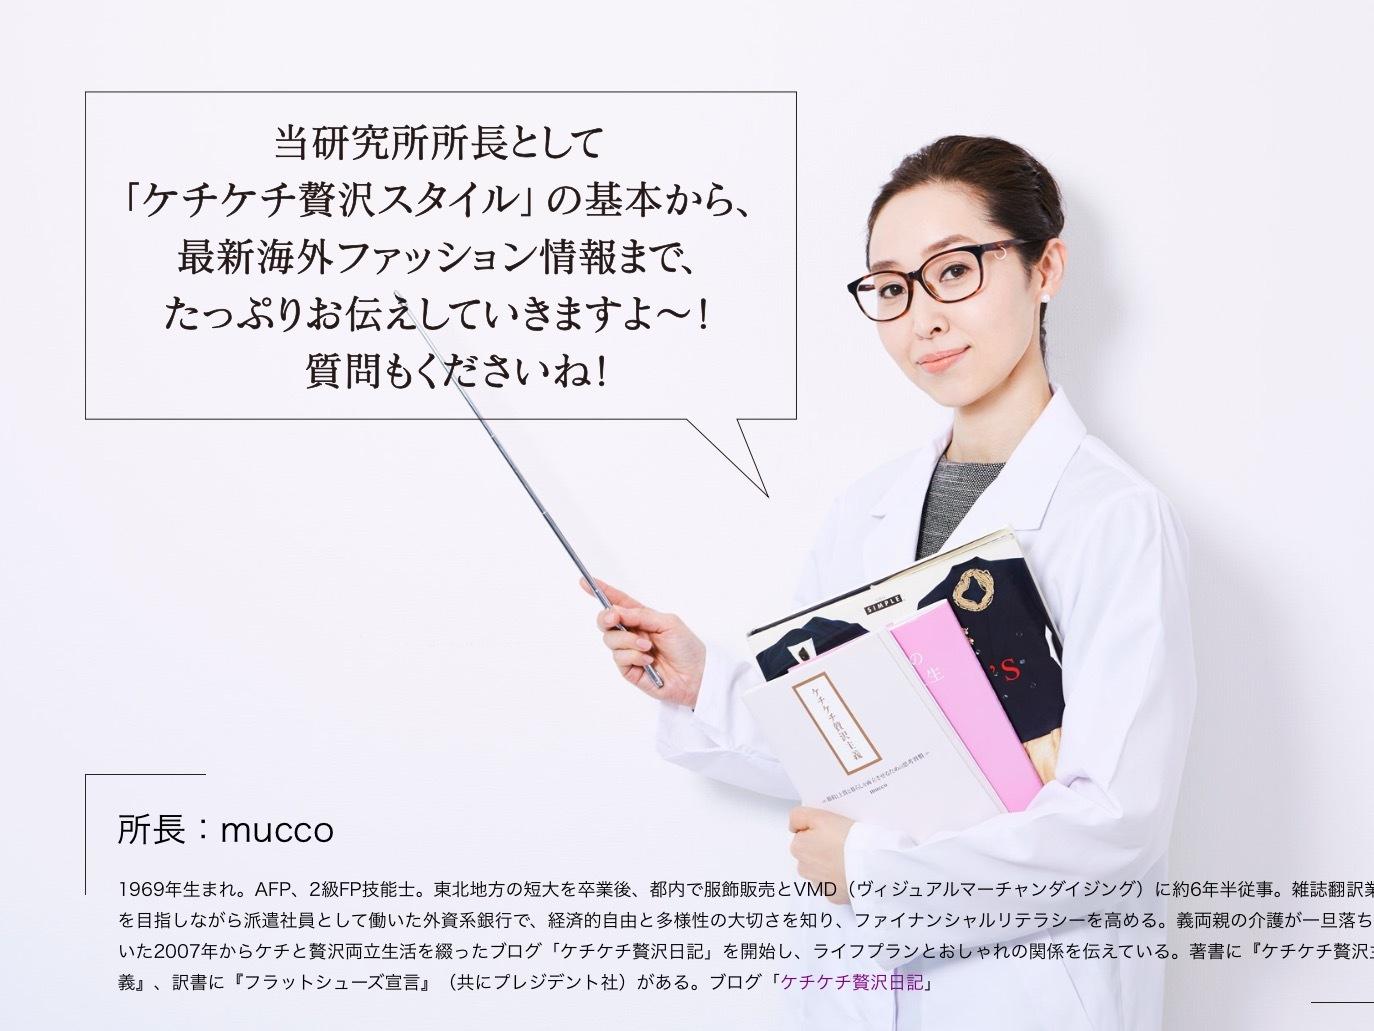 mucco所長のおしゃれ研究所オープンです!_b0210699_00084529.png